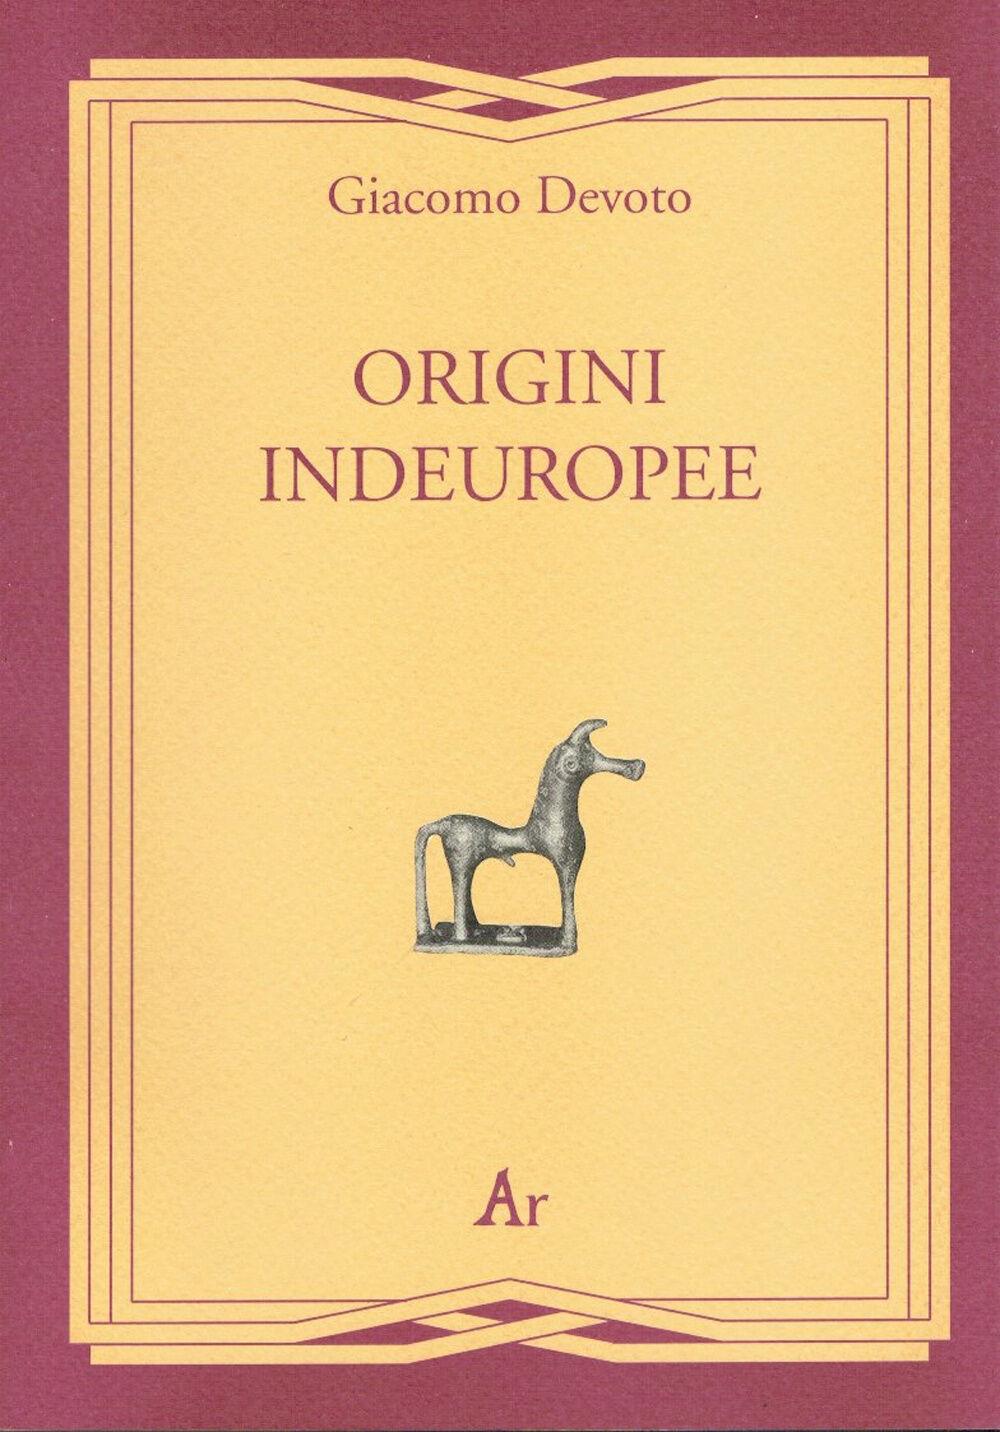 Origini indeuropee